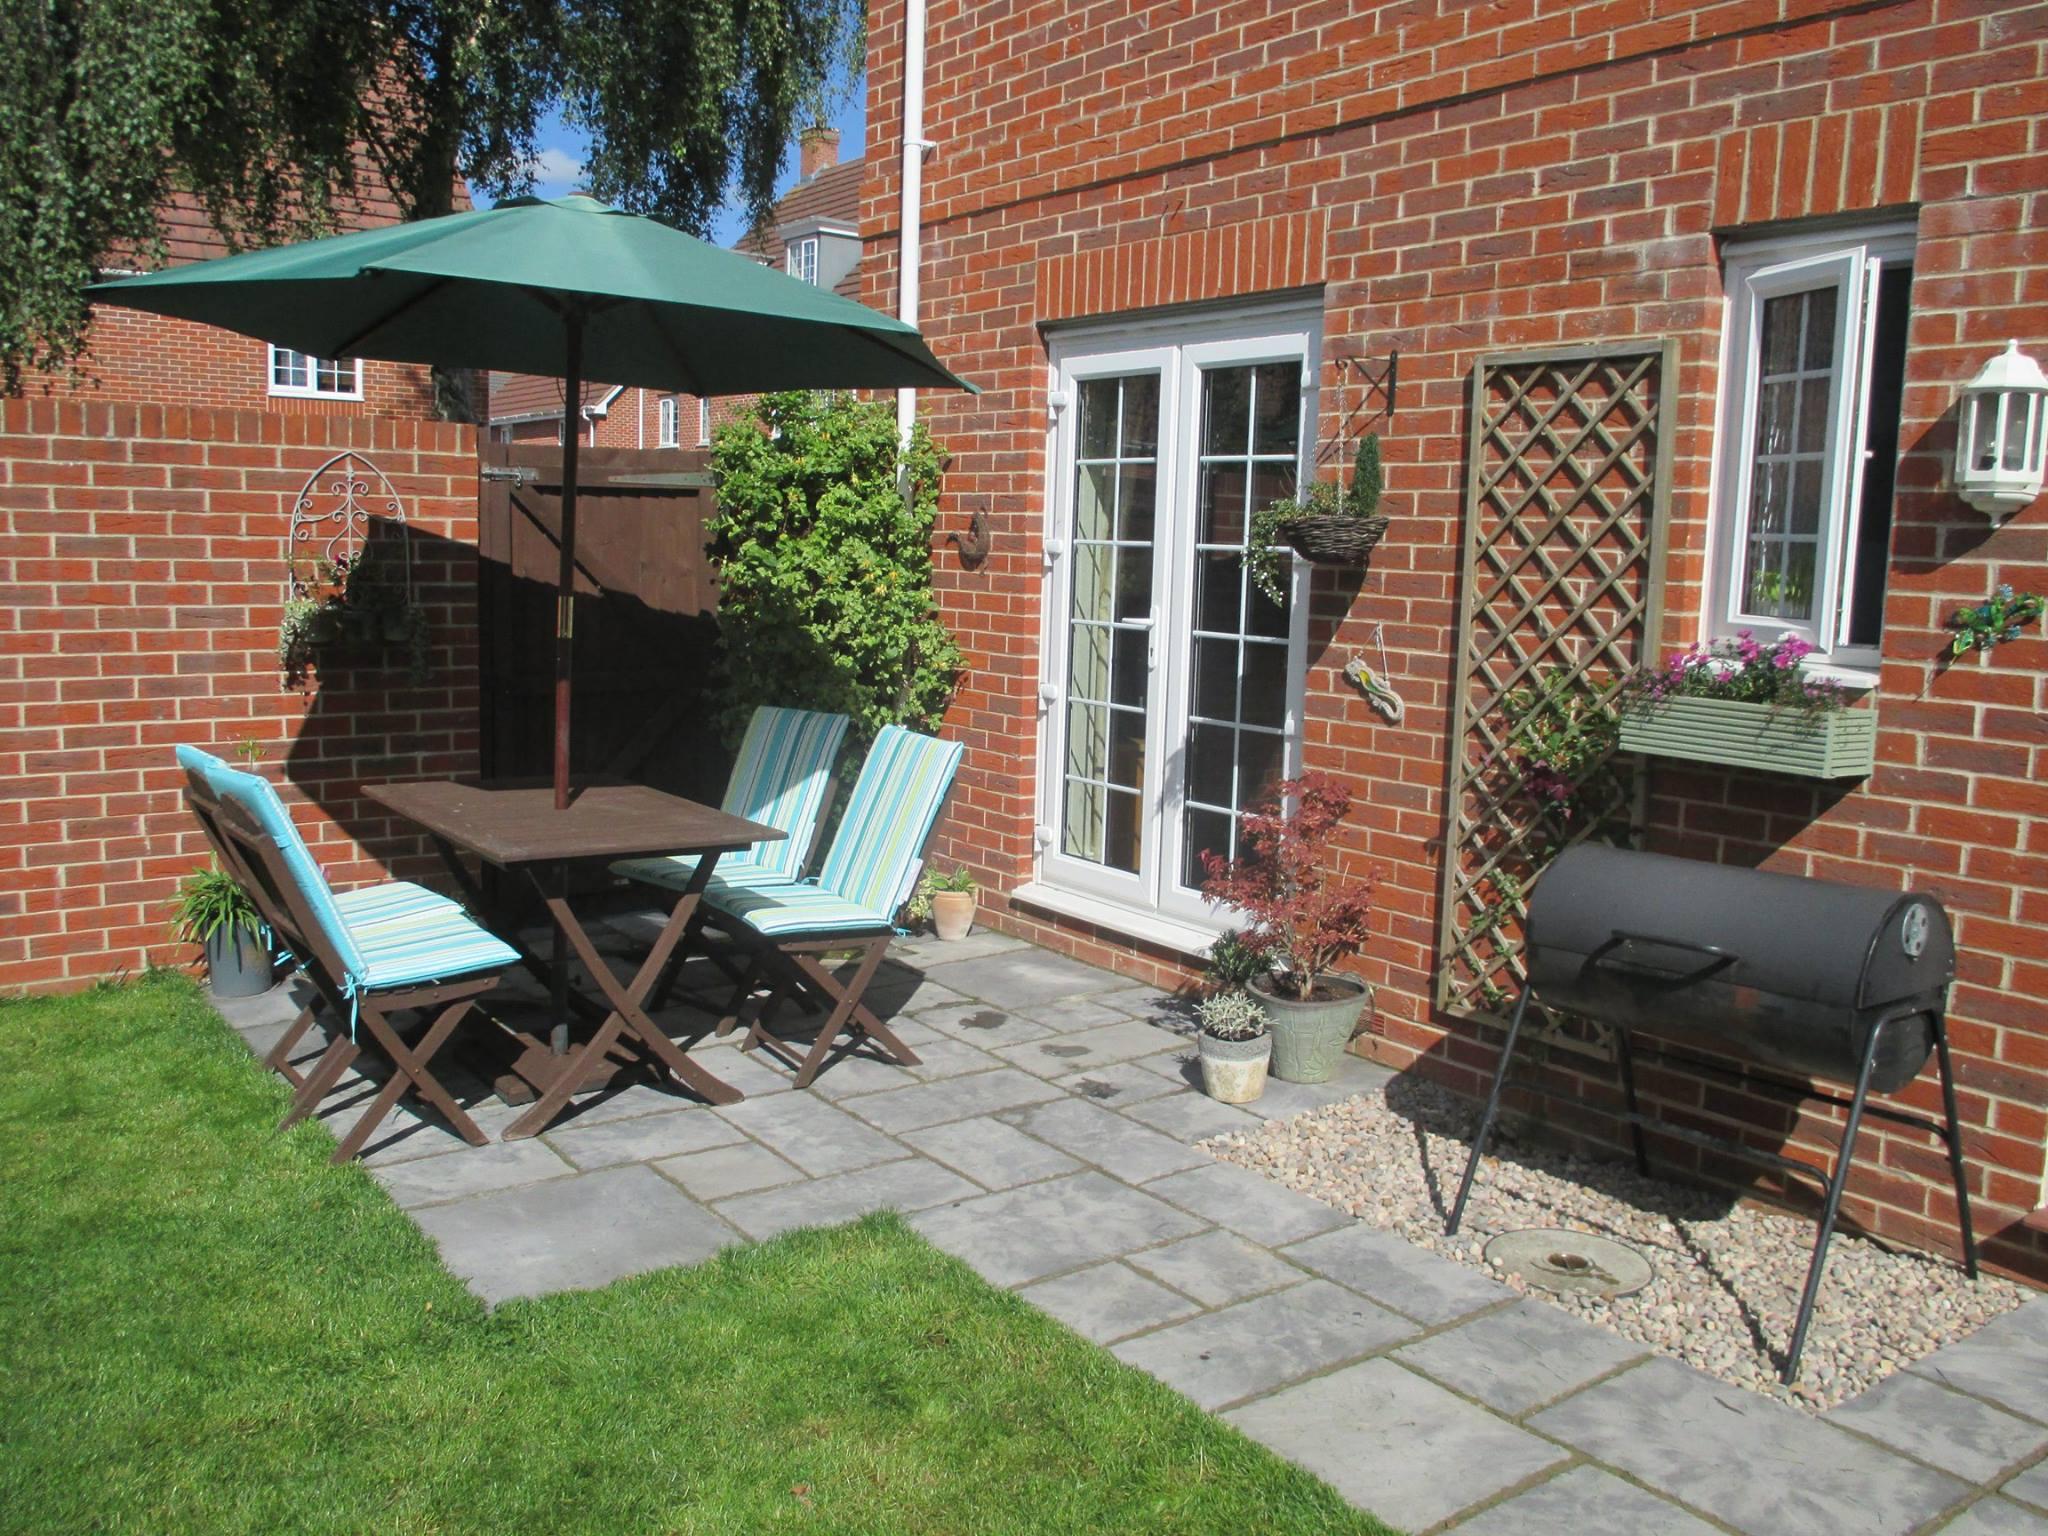 garden, grass, patio, patio furniture